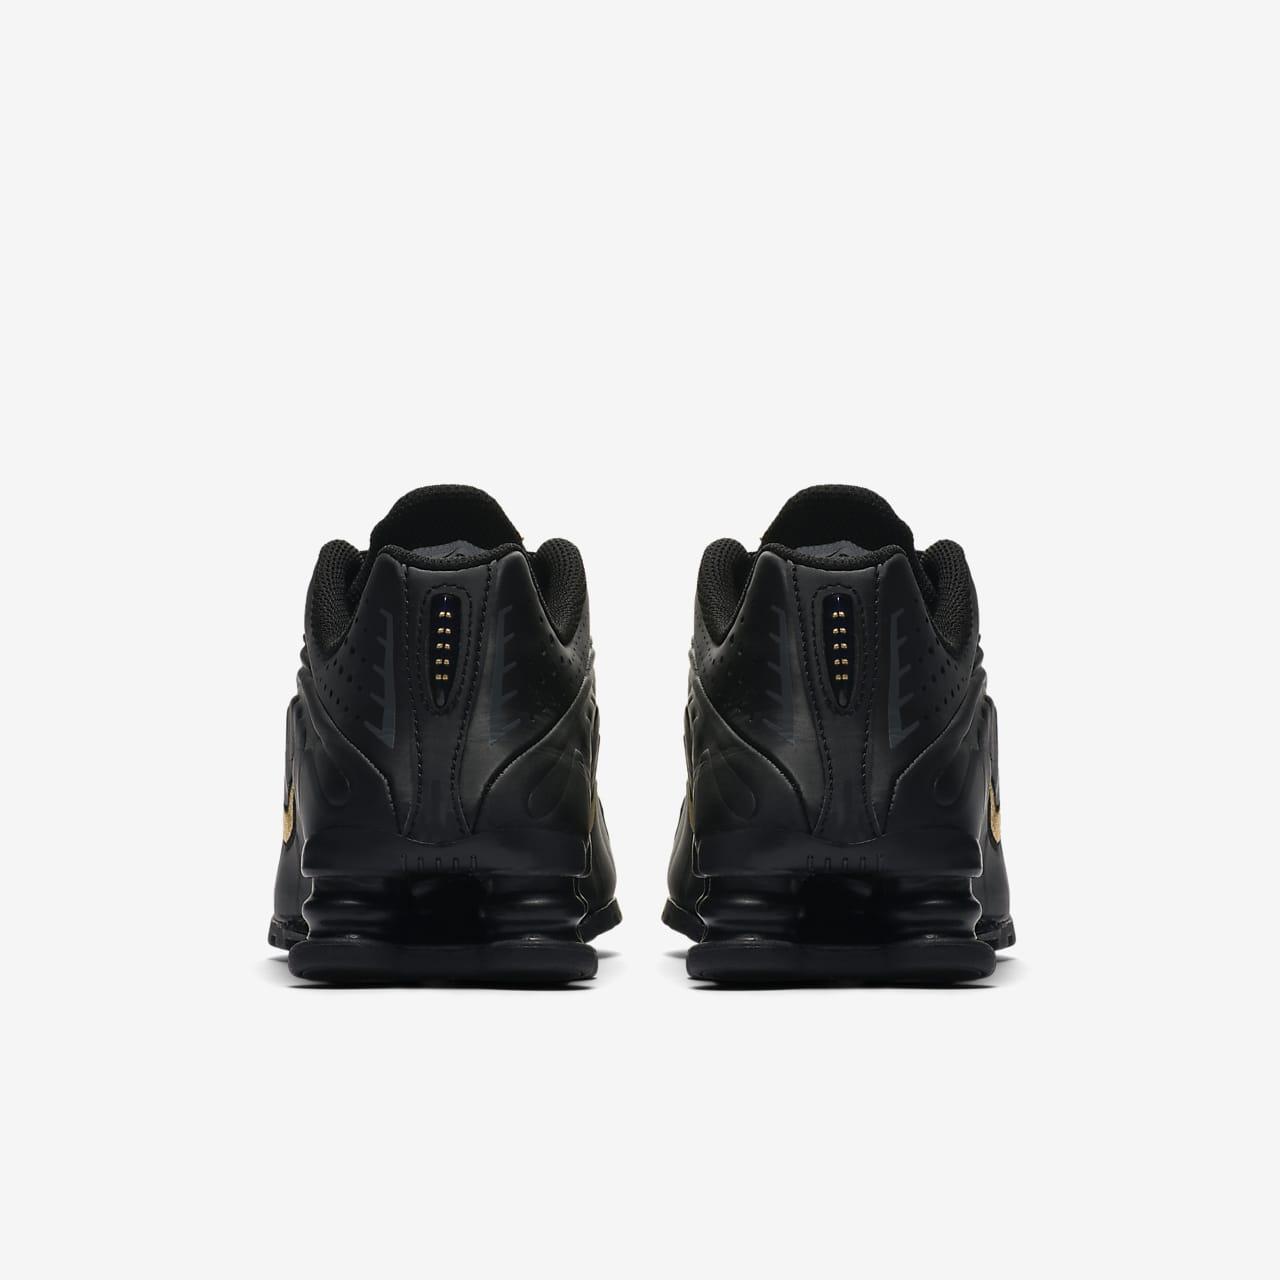 Buty dla dużych dzieci Nike Shox R4